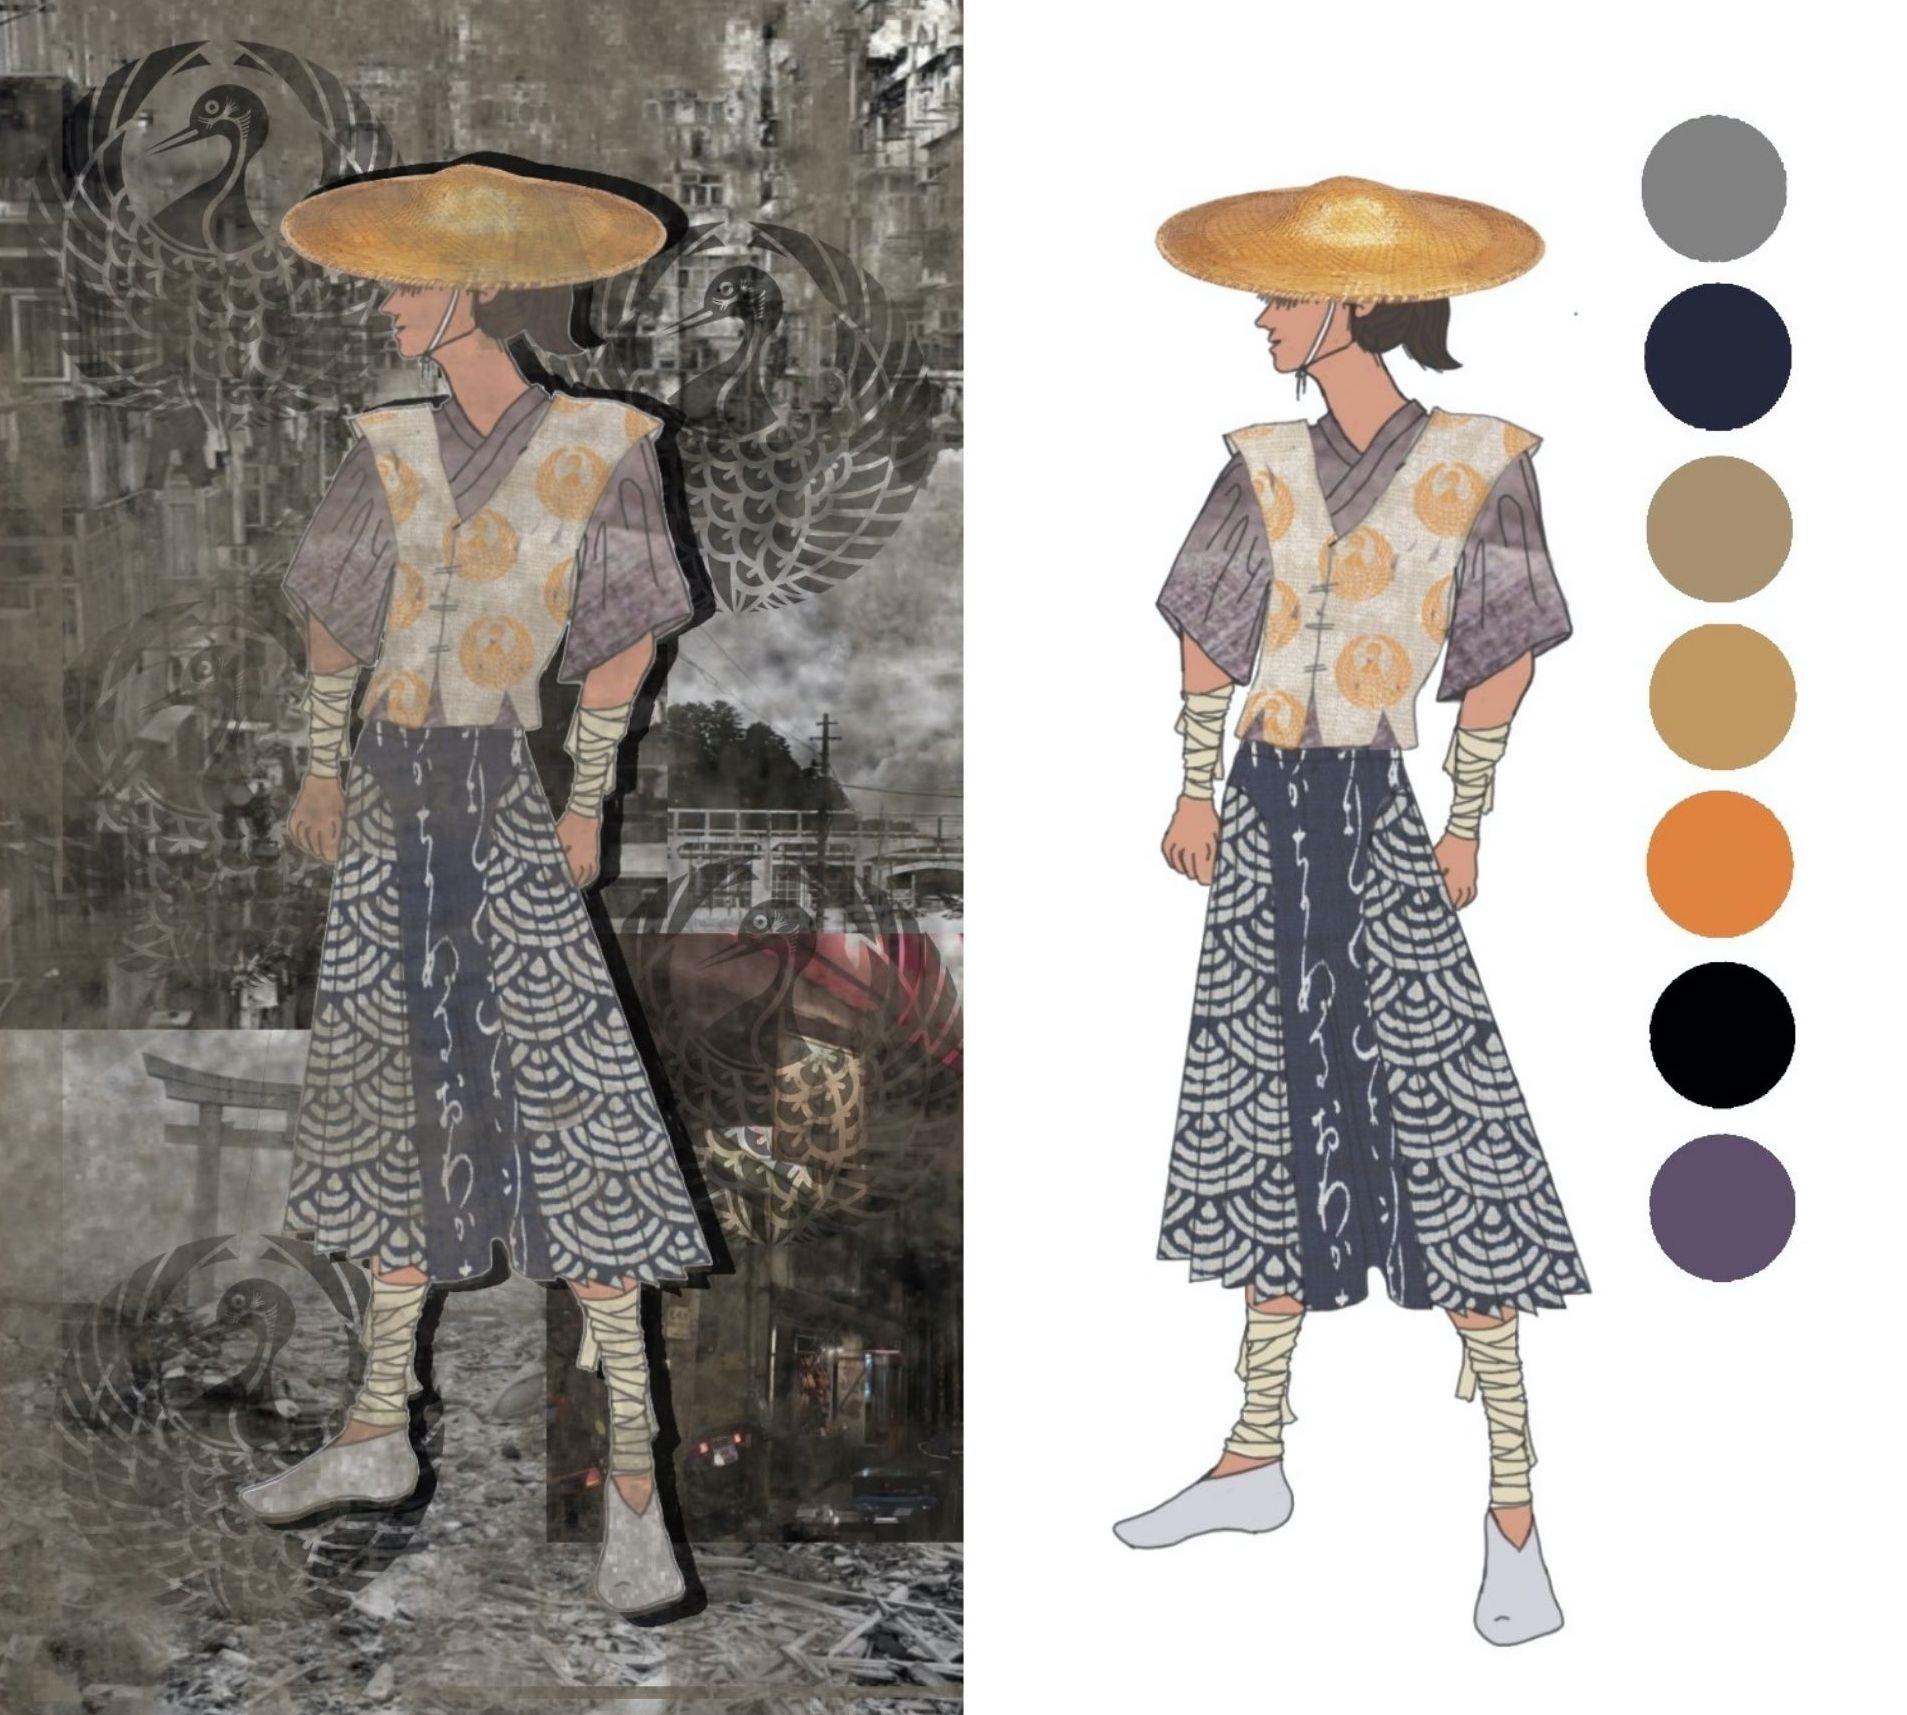 Costume design for Duke Vincentio